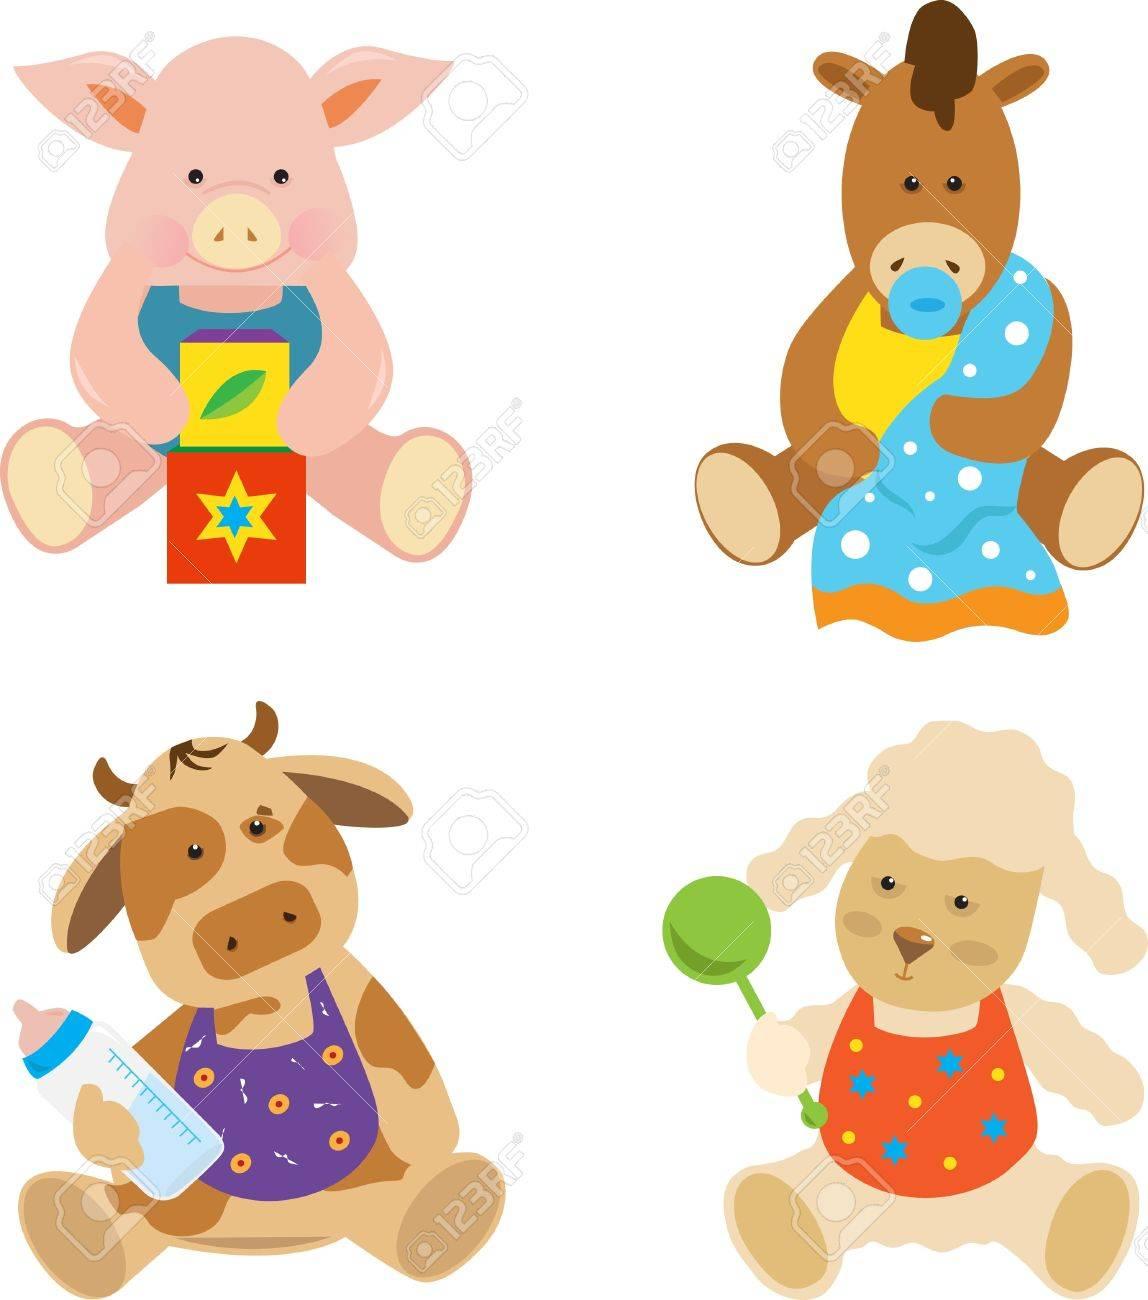 Bebés De La Granja Vector Conjunto De 4 Animales De Granja Linda Ilustraciones Vectoriales Clip Art Vectorizado Libre De Derechos Image 21401330